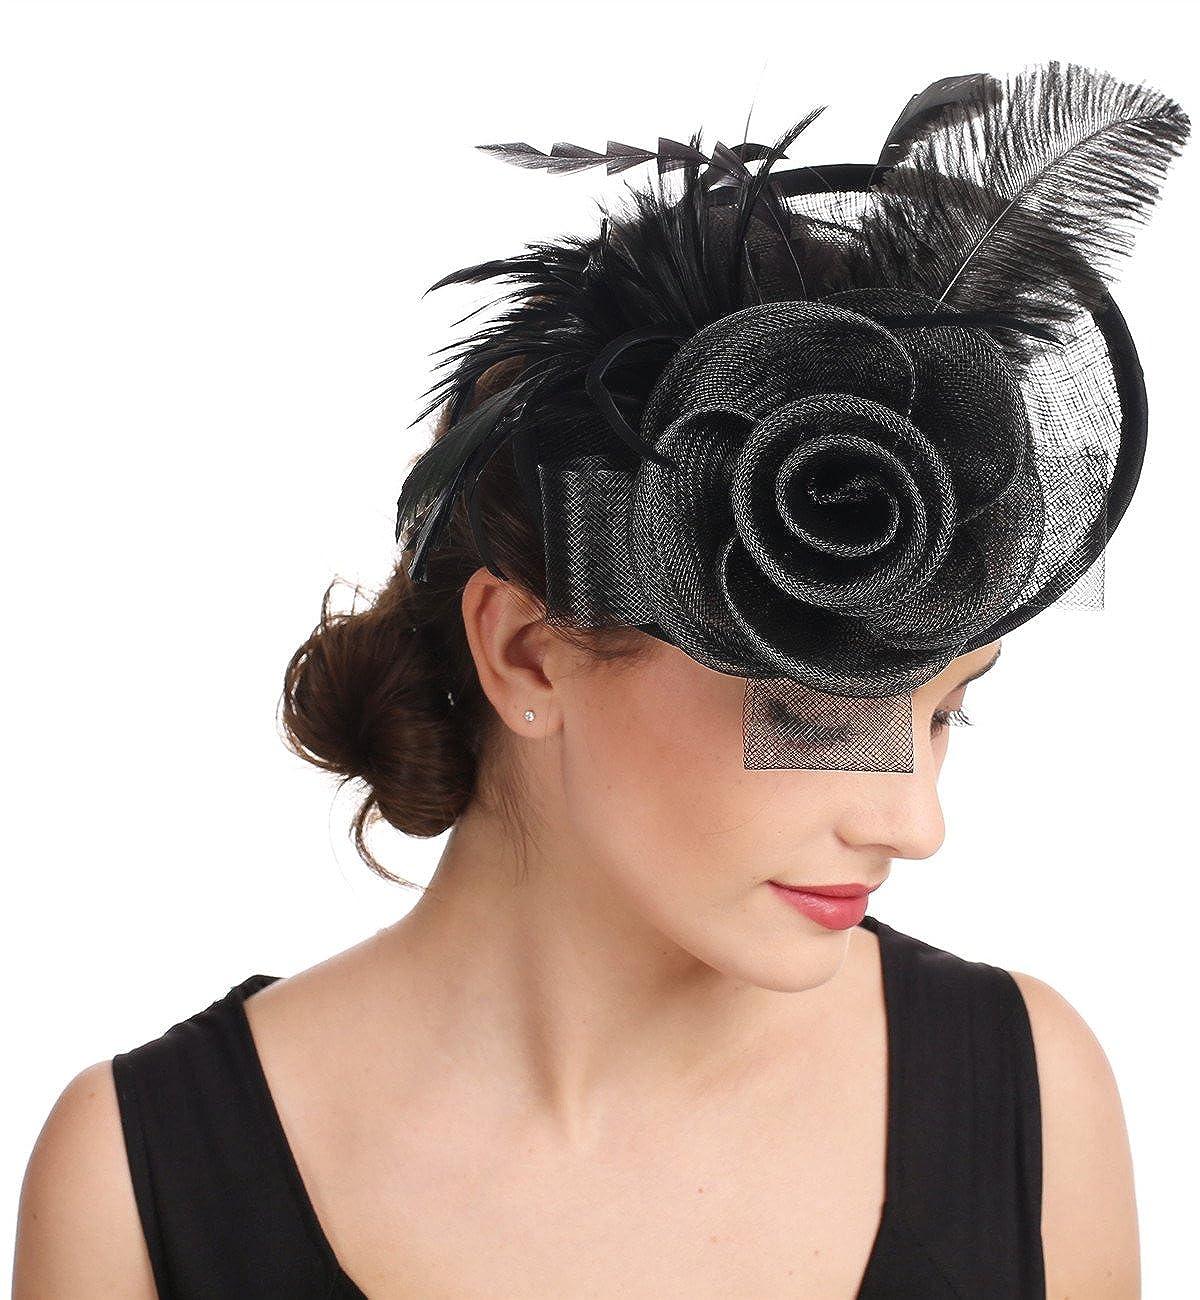 Fascinator Blume Netzm/ütze Feder Mesh Netz Schleier Tea Party Derby Hut mit Clip und Haarband f/ür Frauen